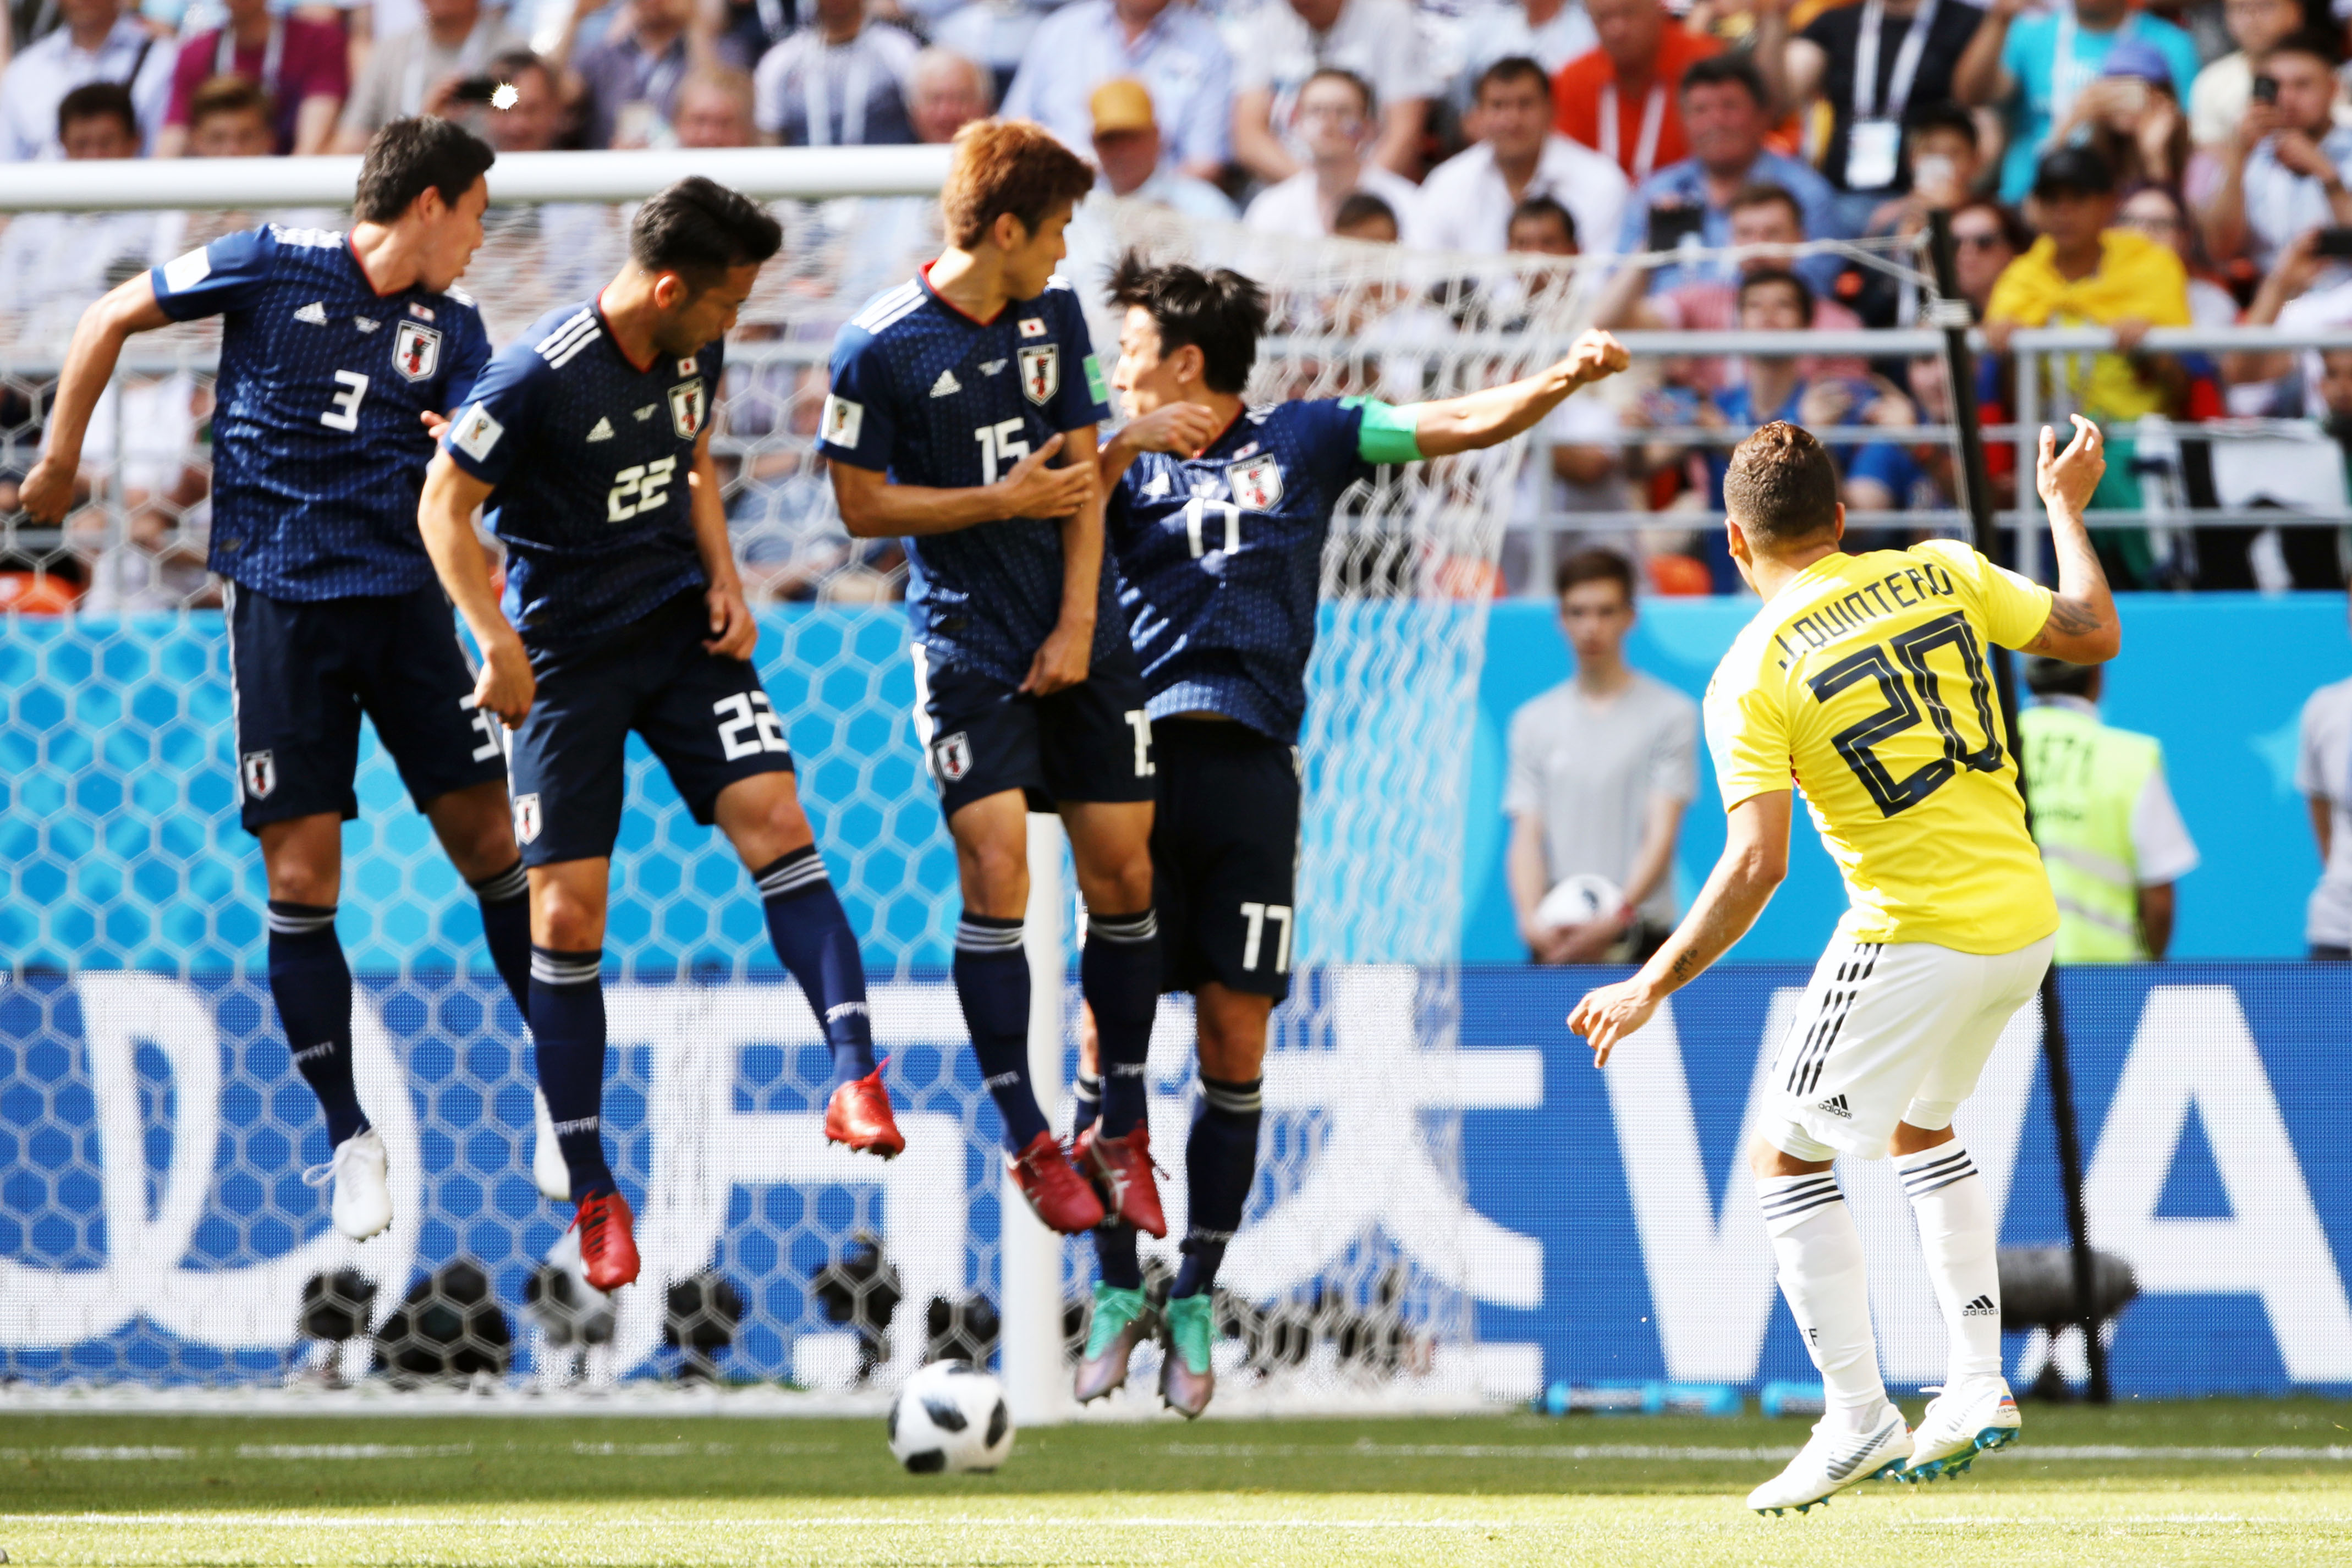 Полузащитник сборной Колумбии Хуан Кинтеро прямым ударом со штрафного забил гол вматче ЧМ-2018 против Японии.